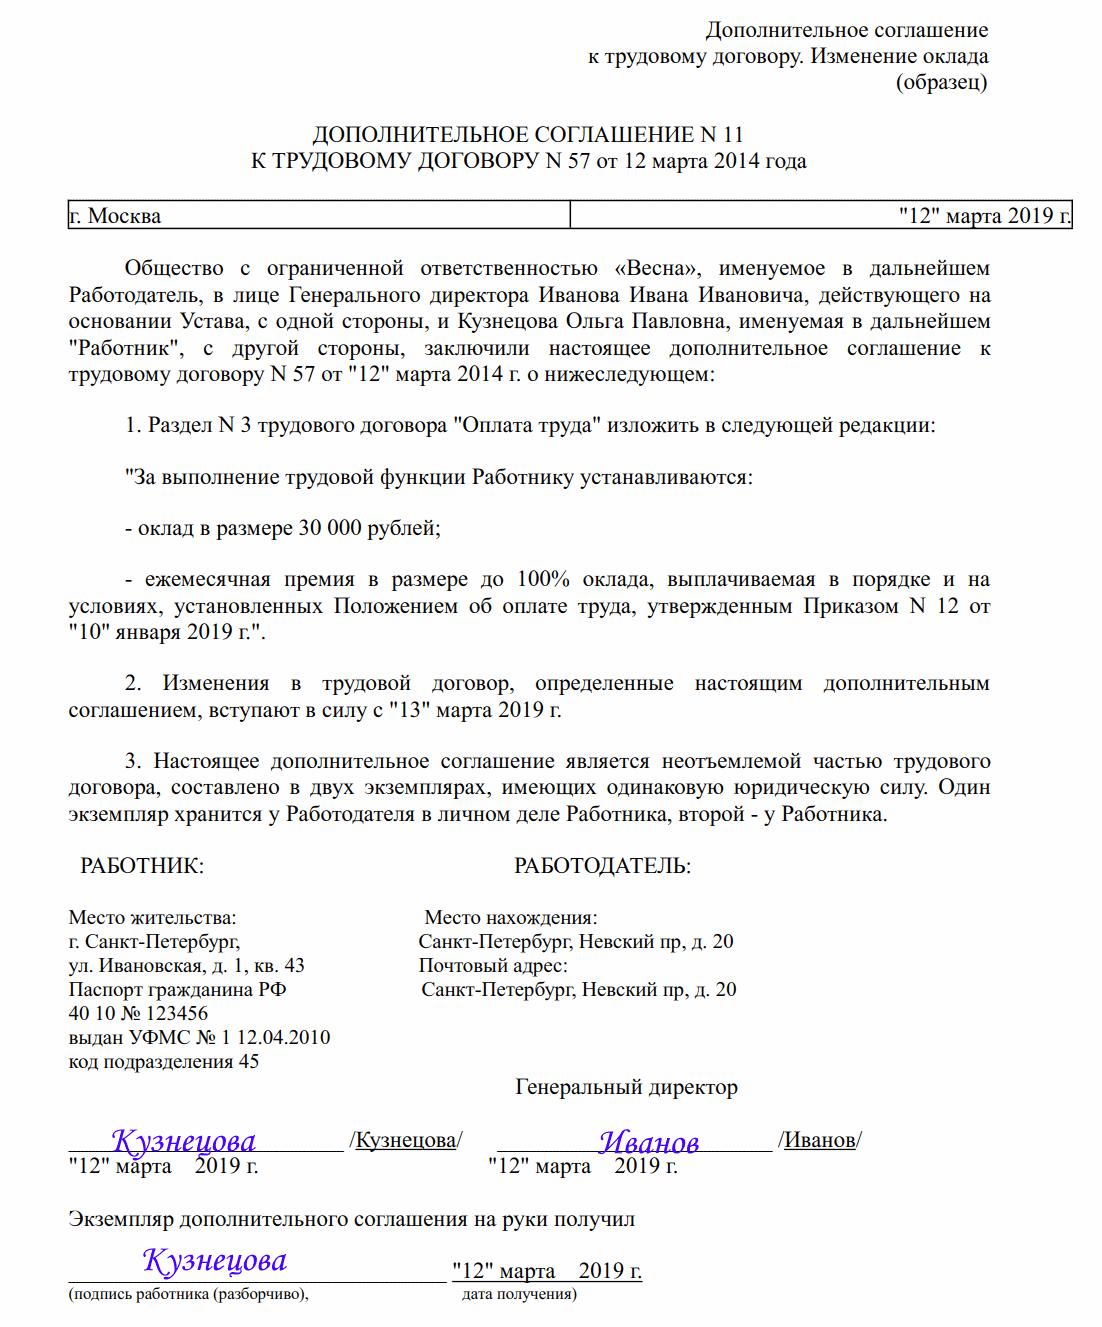 Образец доп соглашения на временный перевод на должность ген директора